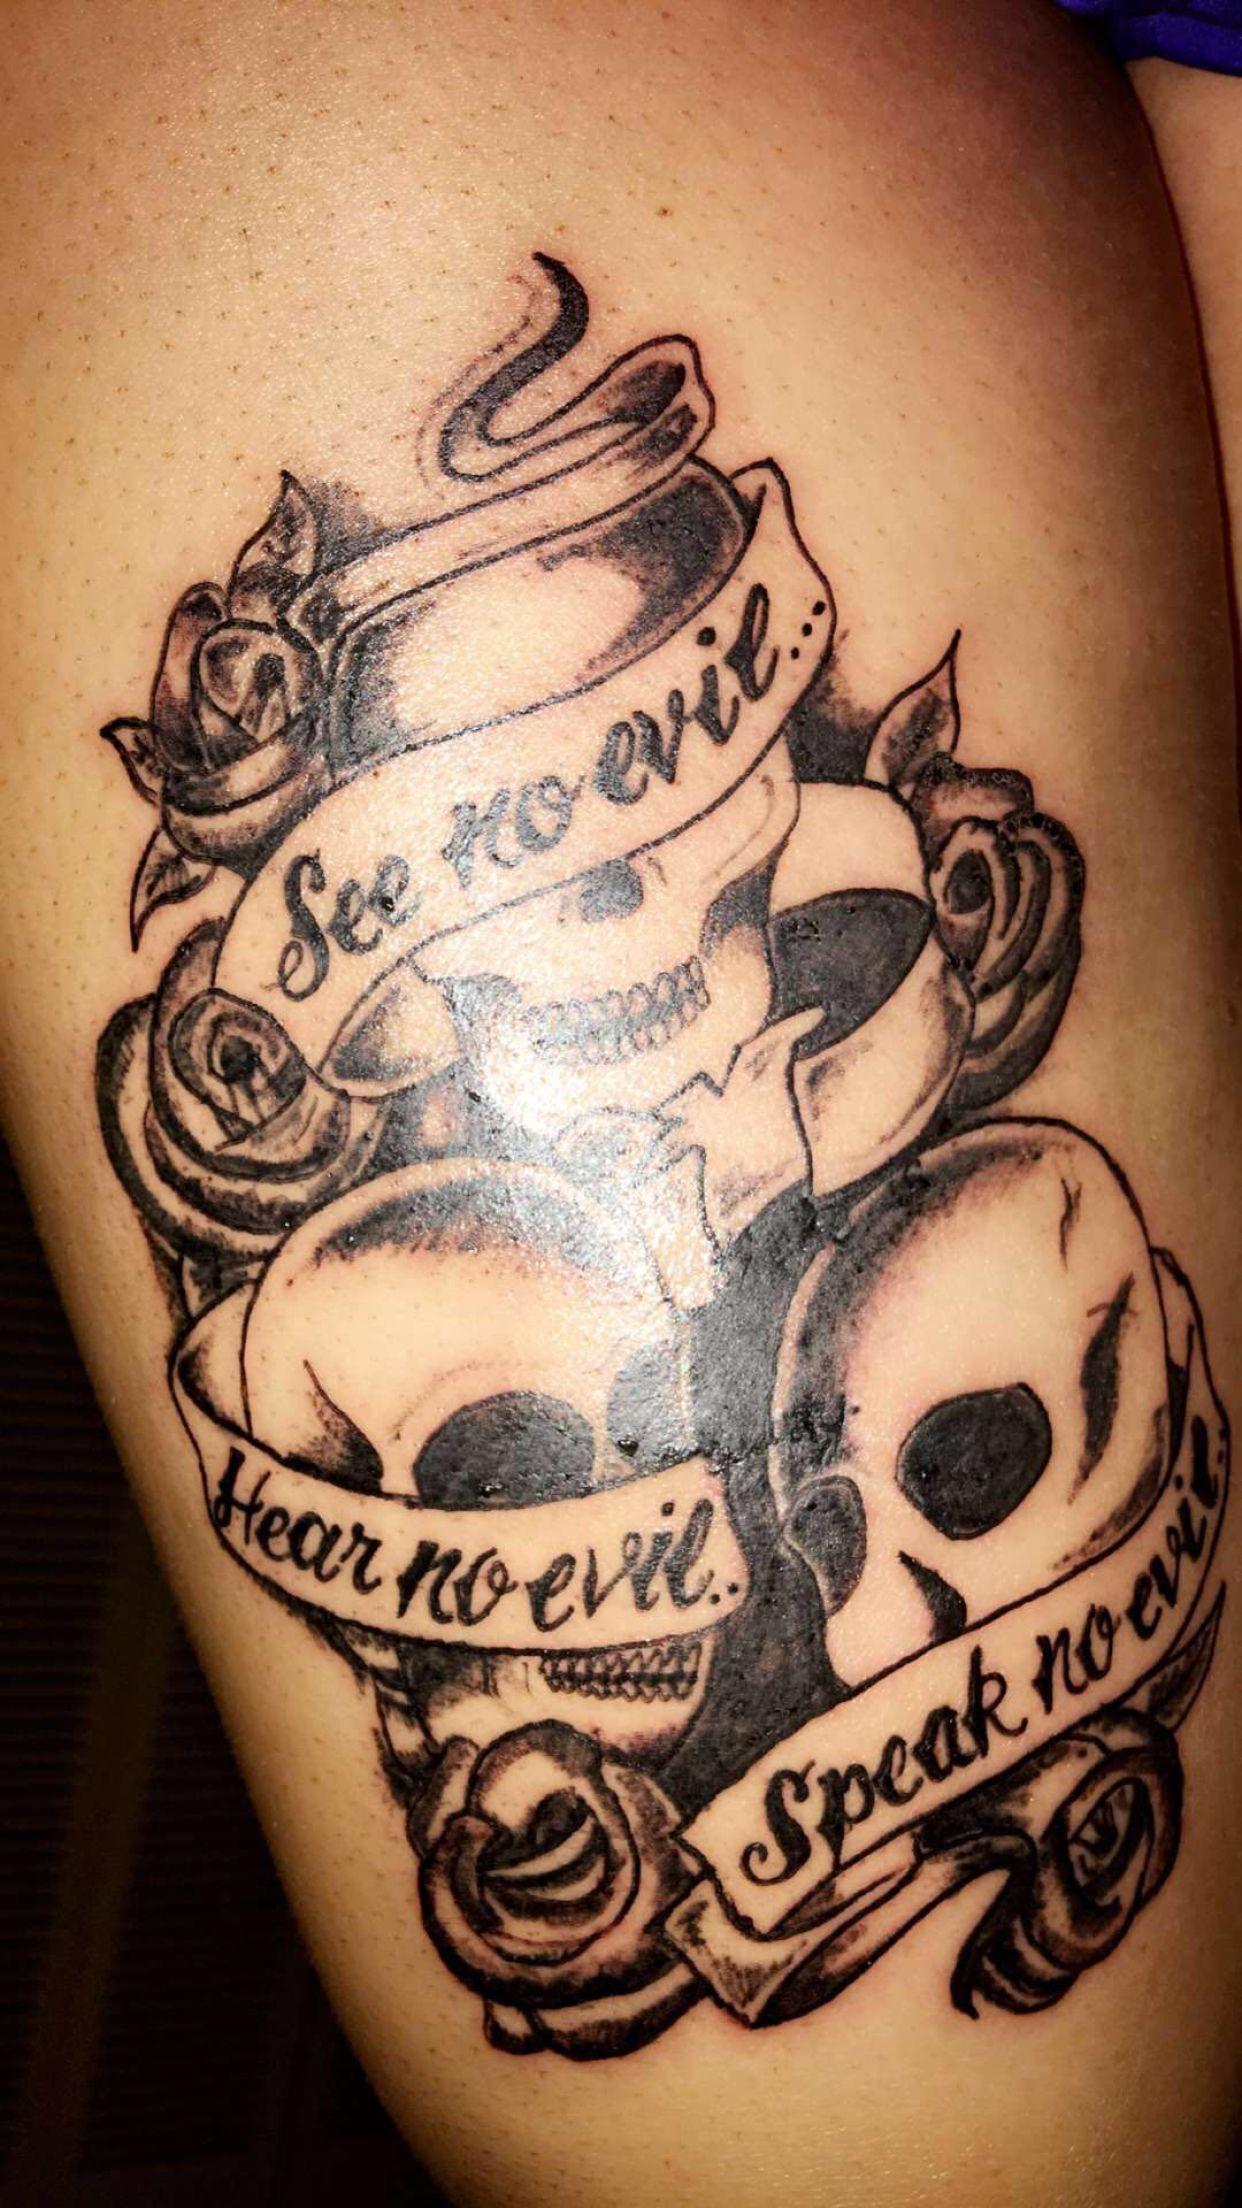 See No Evil Hear No Evil Speak No Evil Pin On Skull Hand Tattoo Men